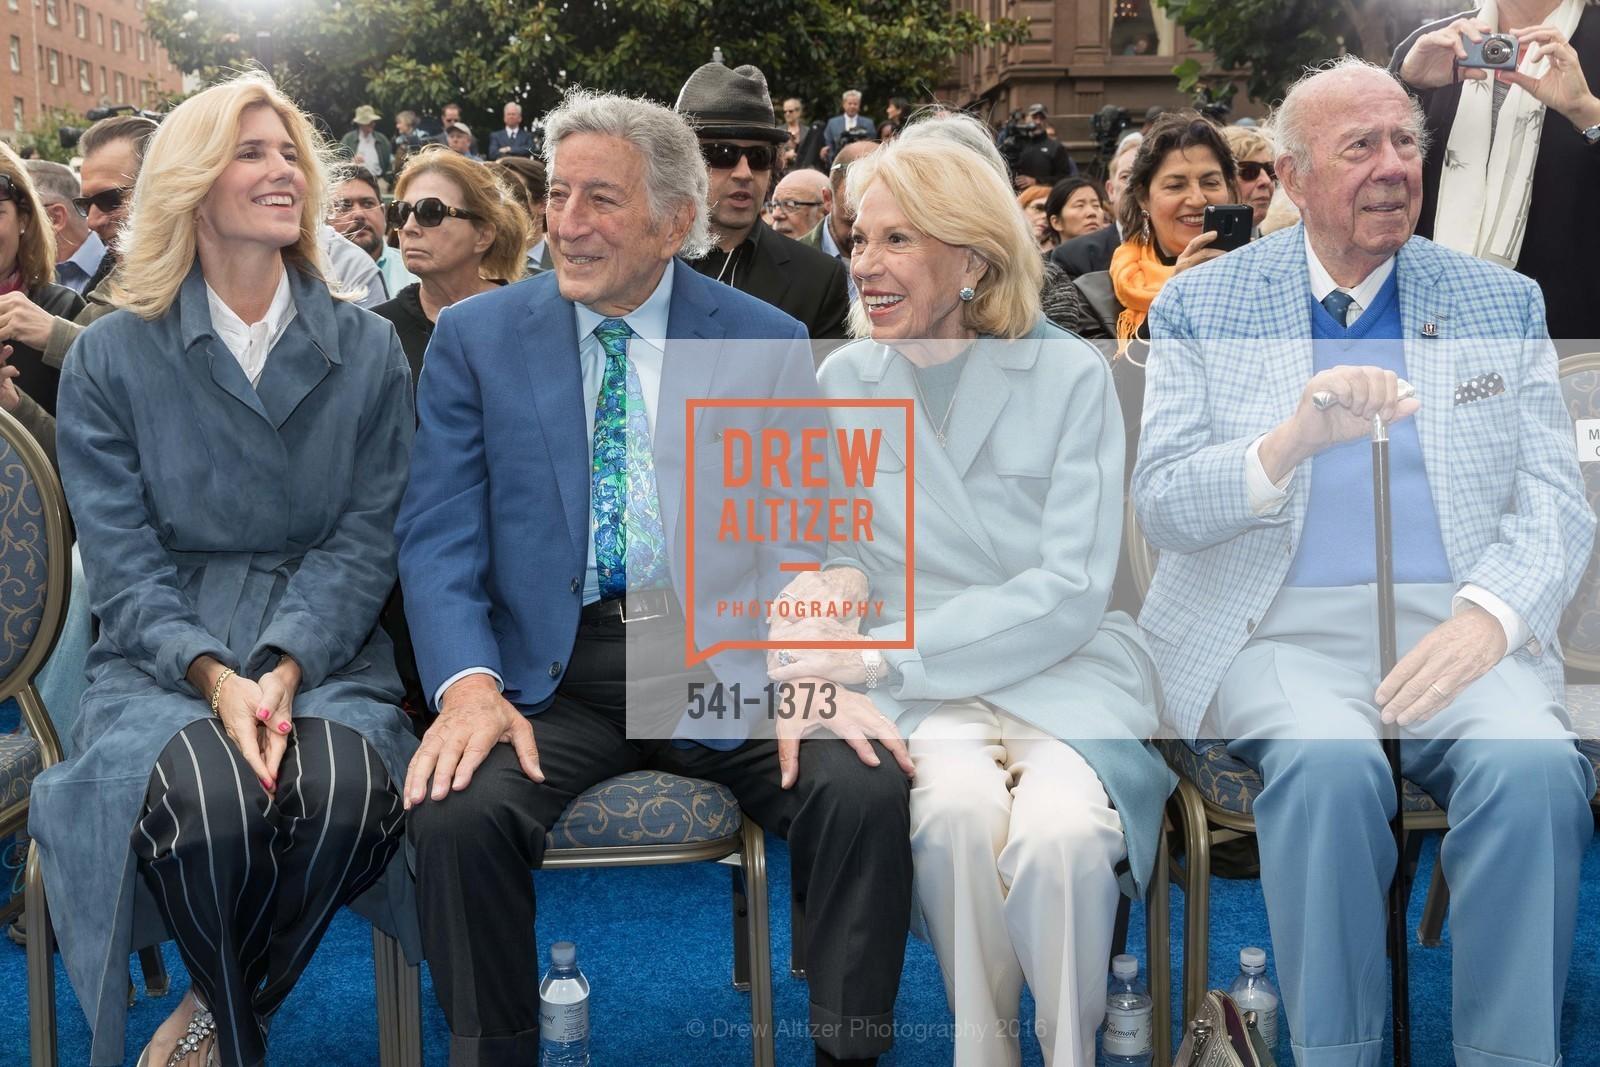 Susan Benedetto, Tony Bennett, Charlotte Shultz, George Shultz, Photo #541-1373